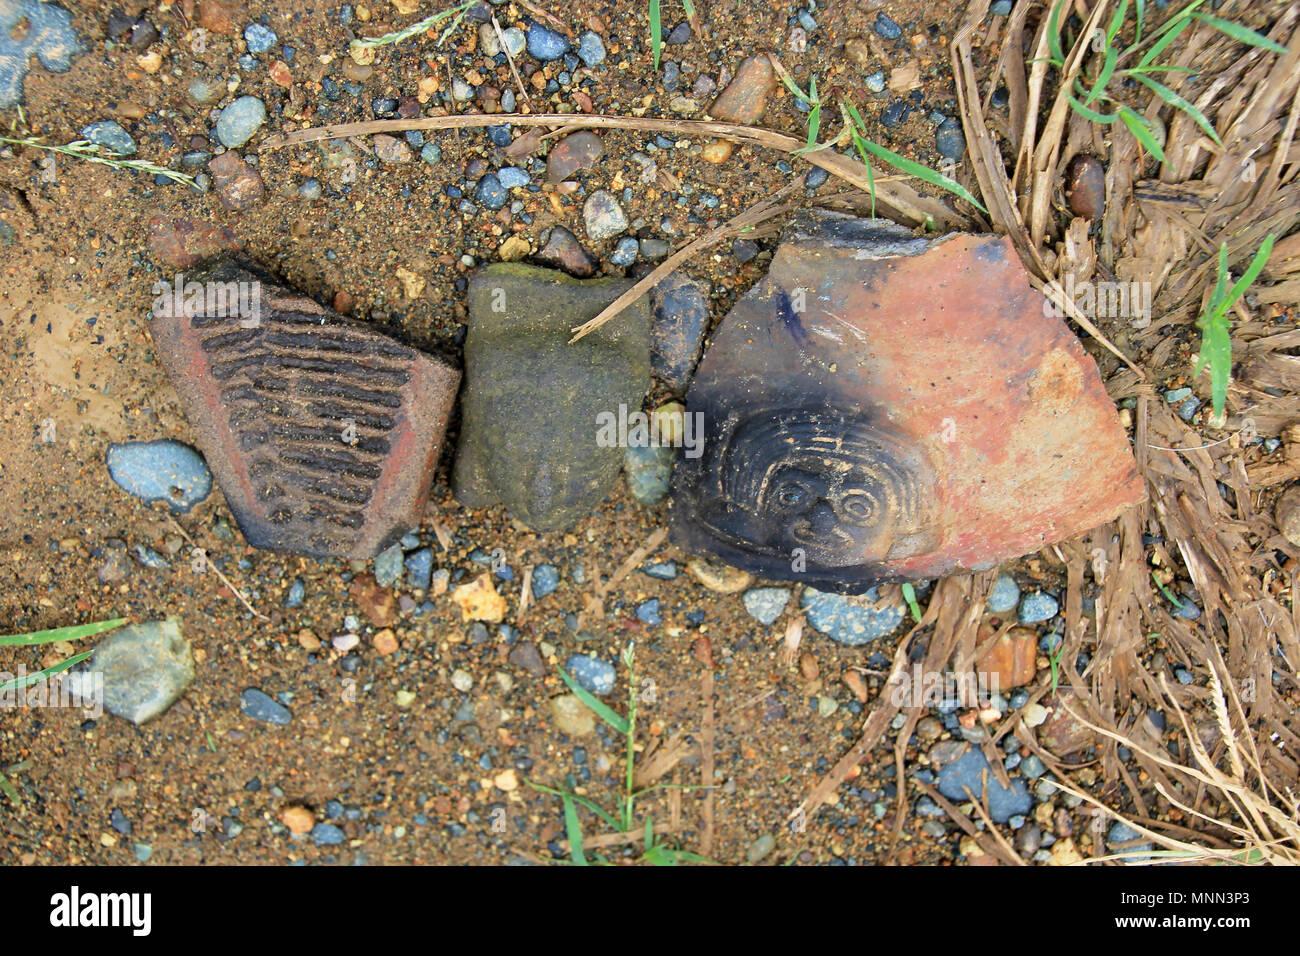 Pre-Columbian shard found on the island of La Tolita, in a river delta in Esmeraldas province, Ecuador - Stock Image